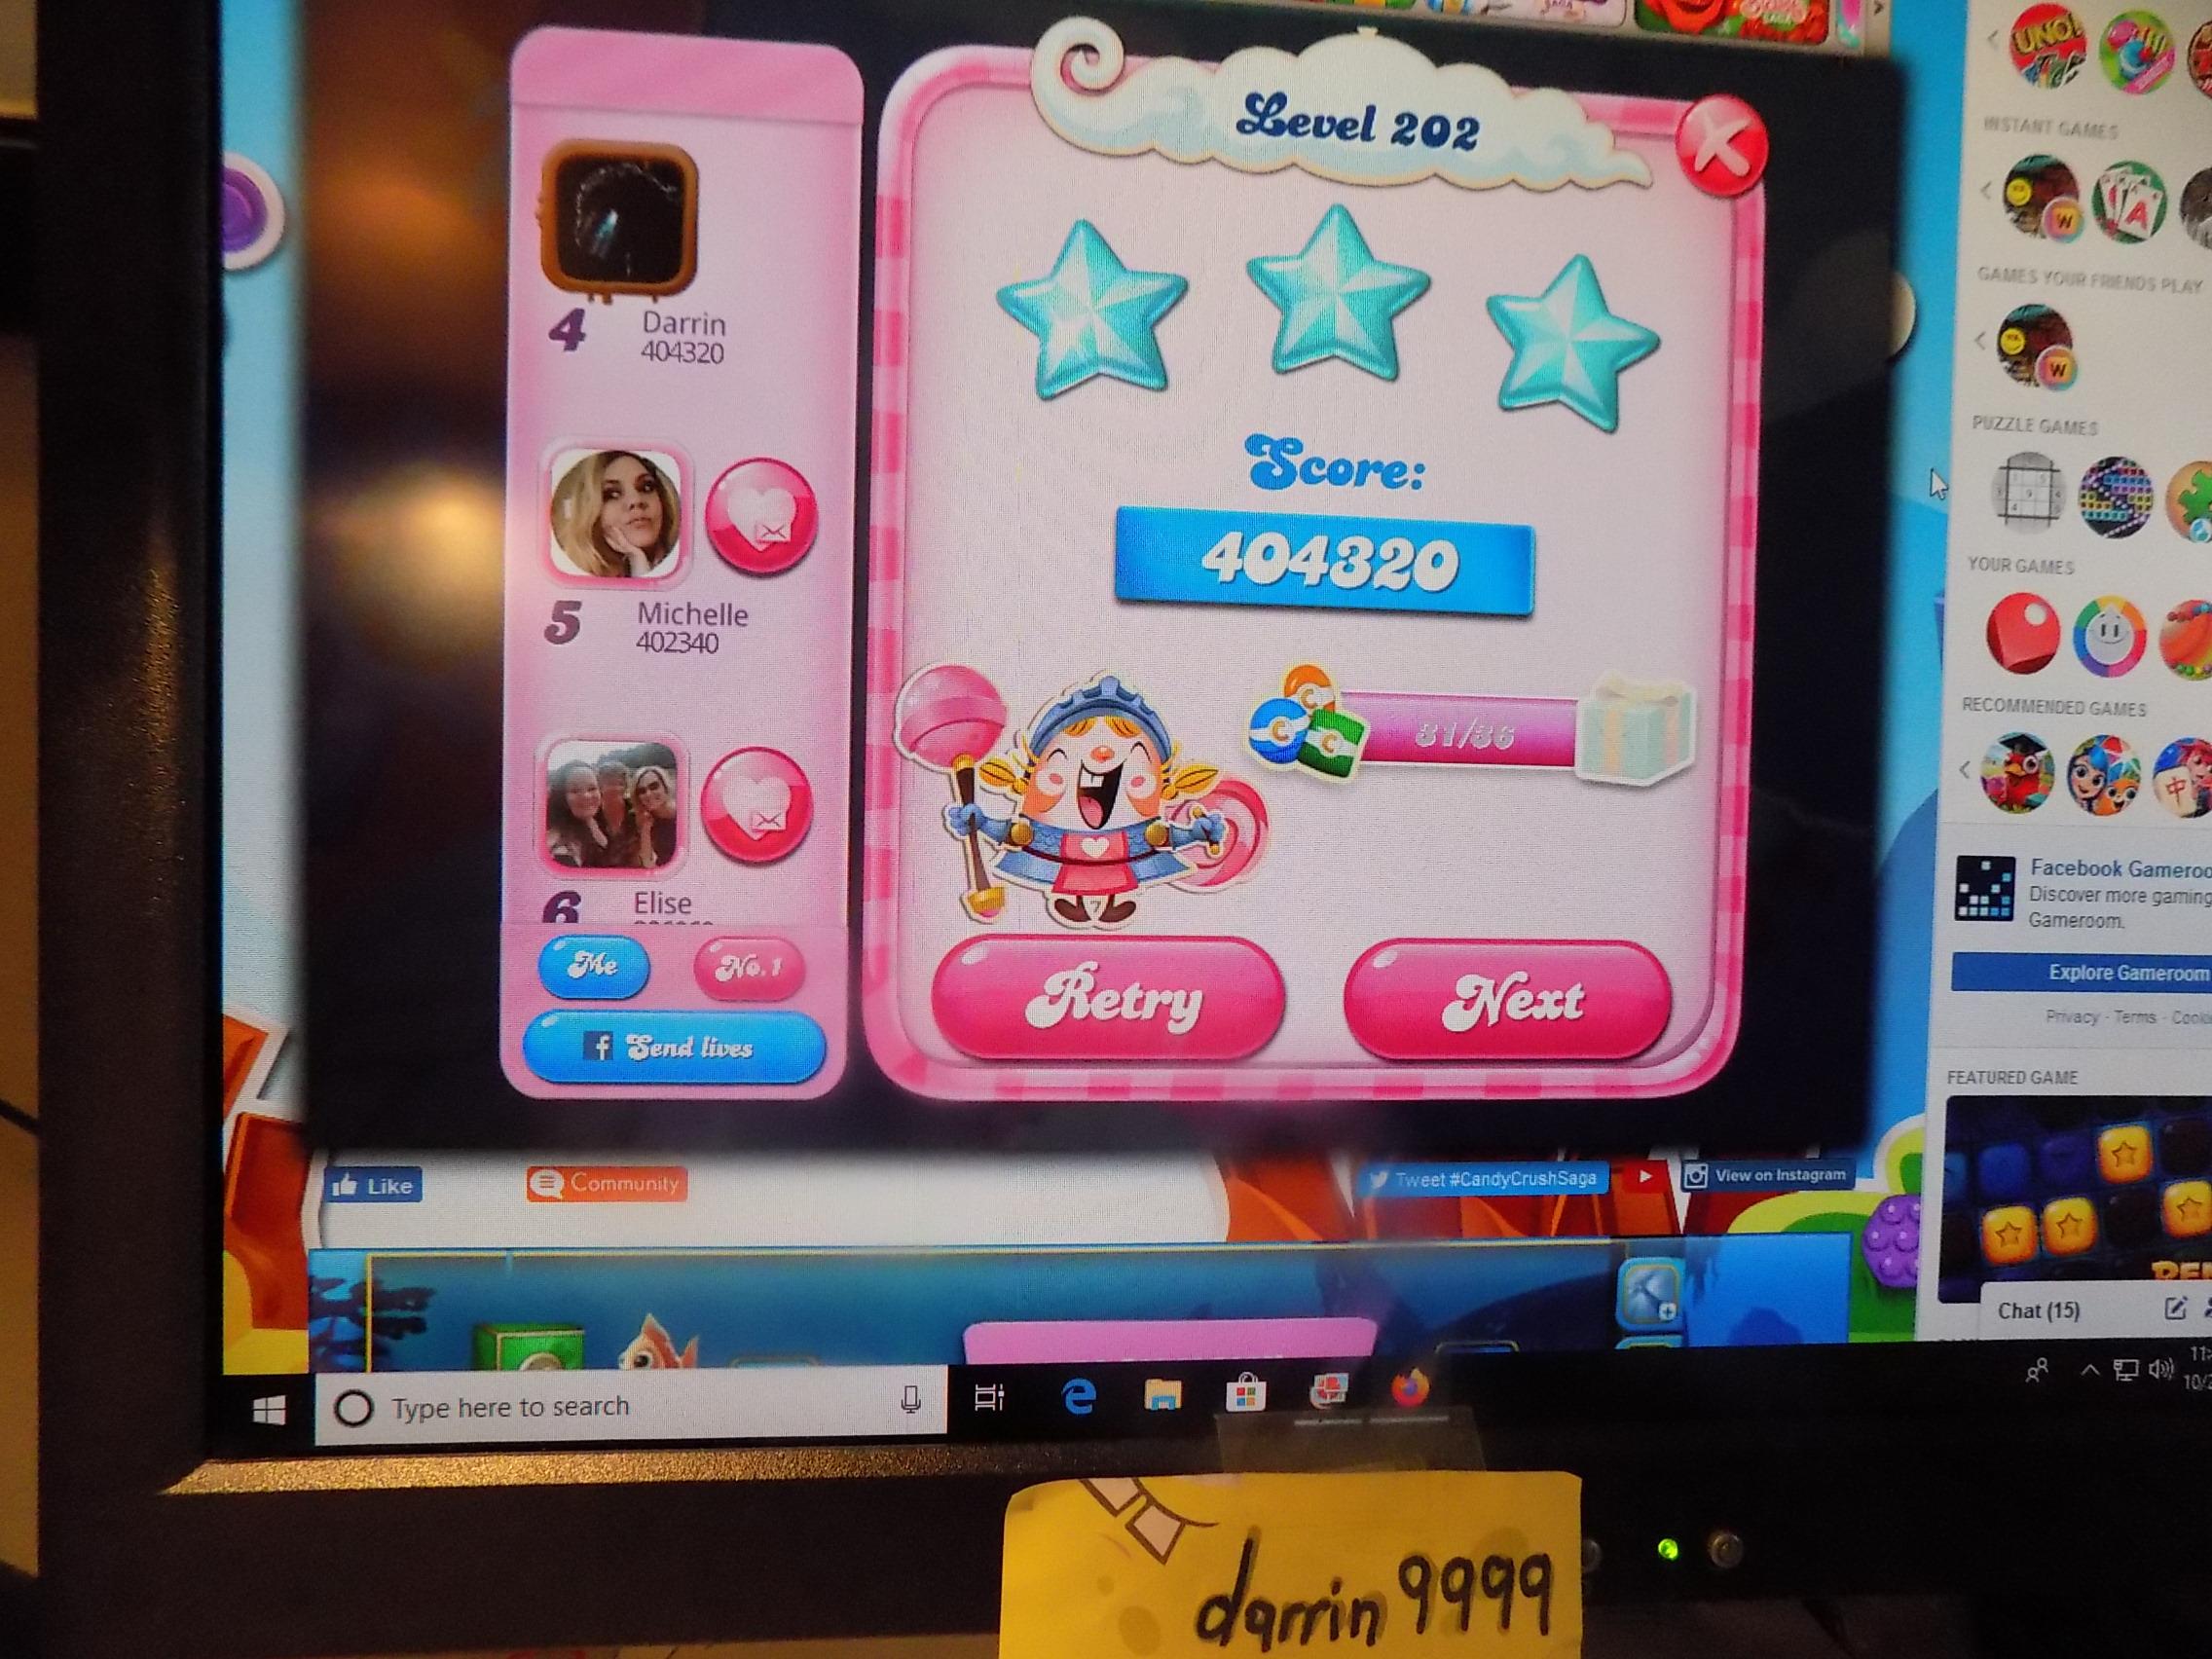 darrin9999: Candy Crush Saga: Level 202 (Web) 404,320 points on 2019-11-18 06:28:03